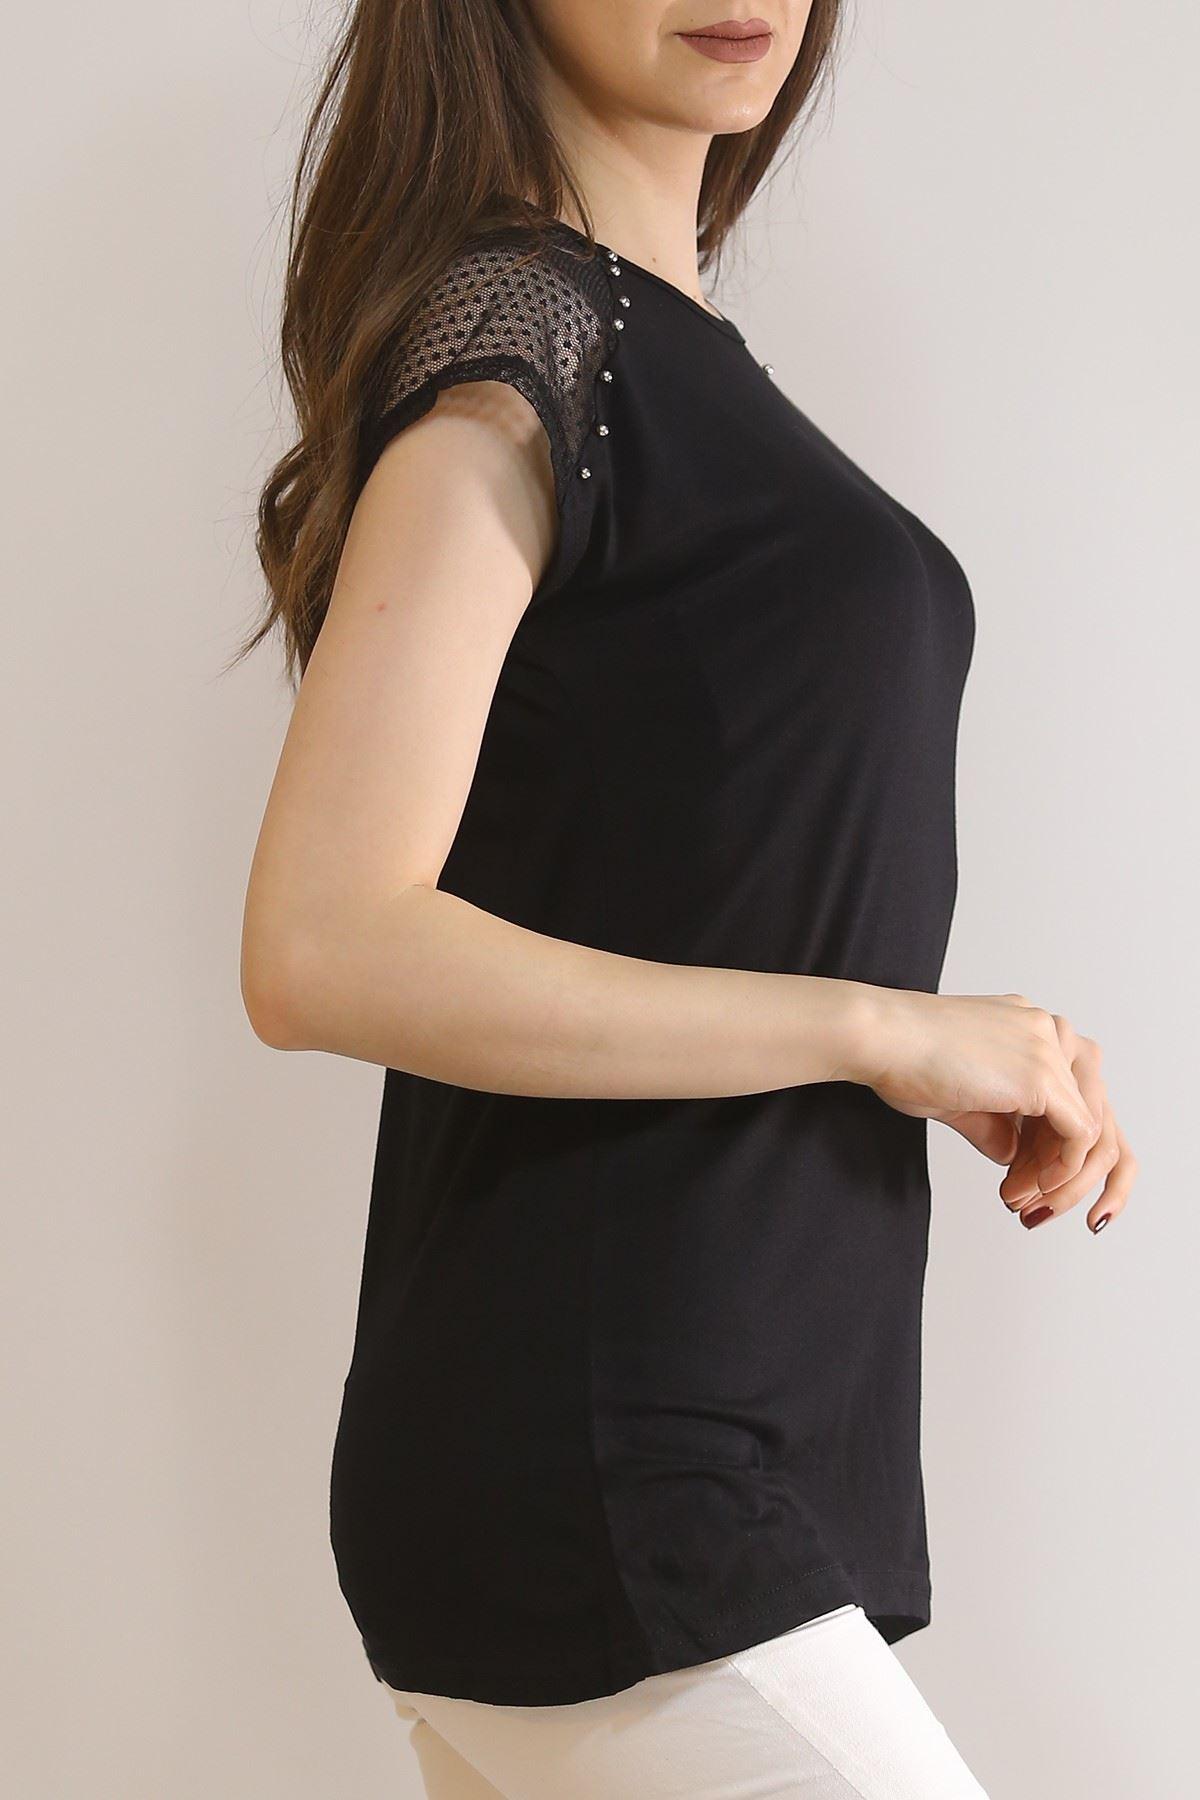 Sıfır Kol Dantelli Tişört Siyah - 5954.599.